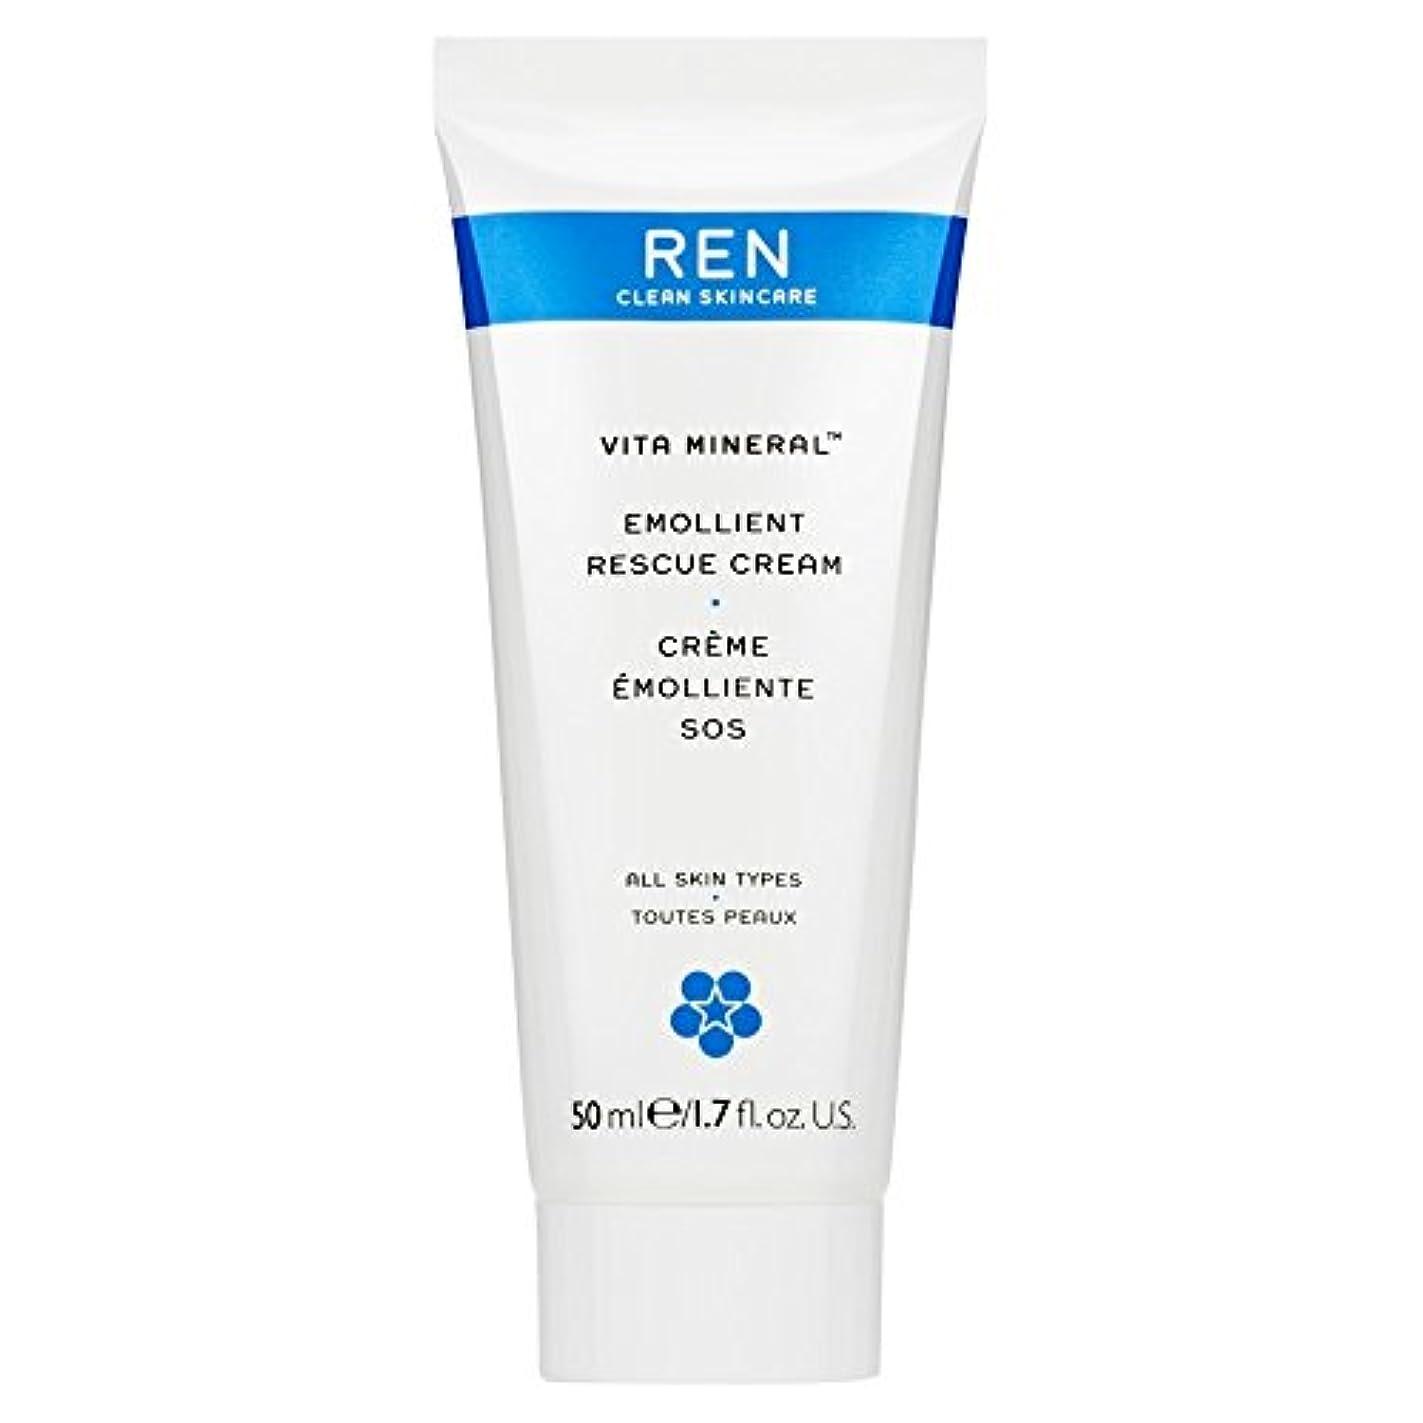 数学的な韻心理的Renヴィータミネラルレスキュークリーム、50ミリリットル (REN) (x6) - REN Vita Mineral Rescue Cream, 50ml (Pack of 6) [並行輸入品]